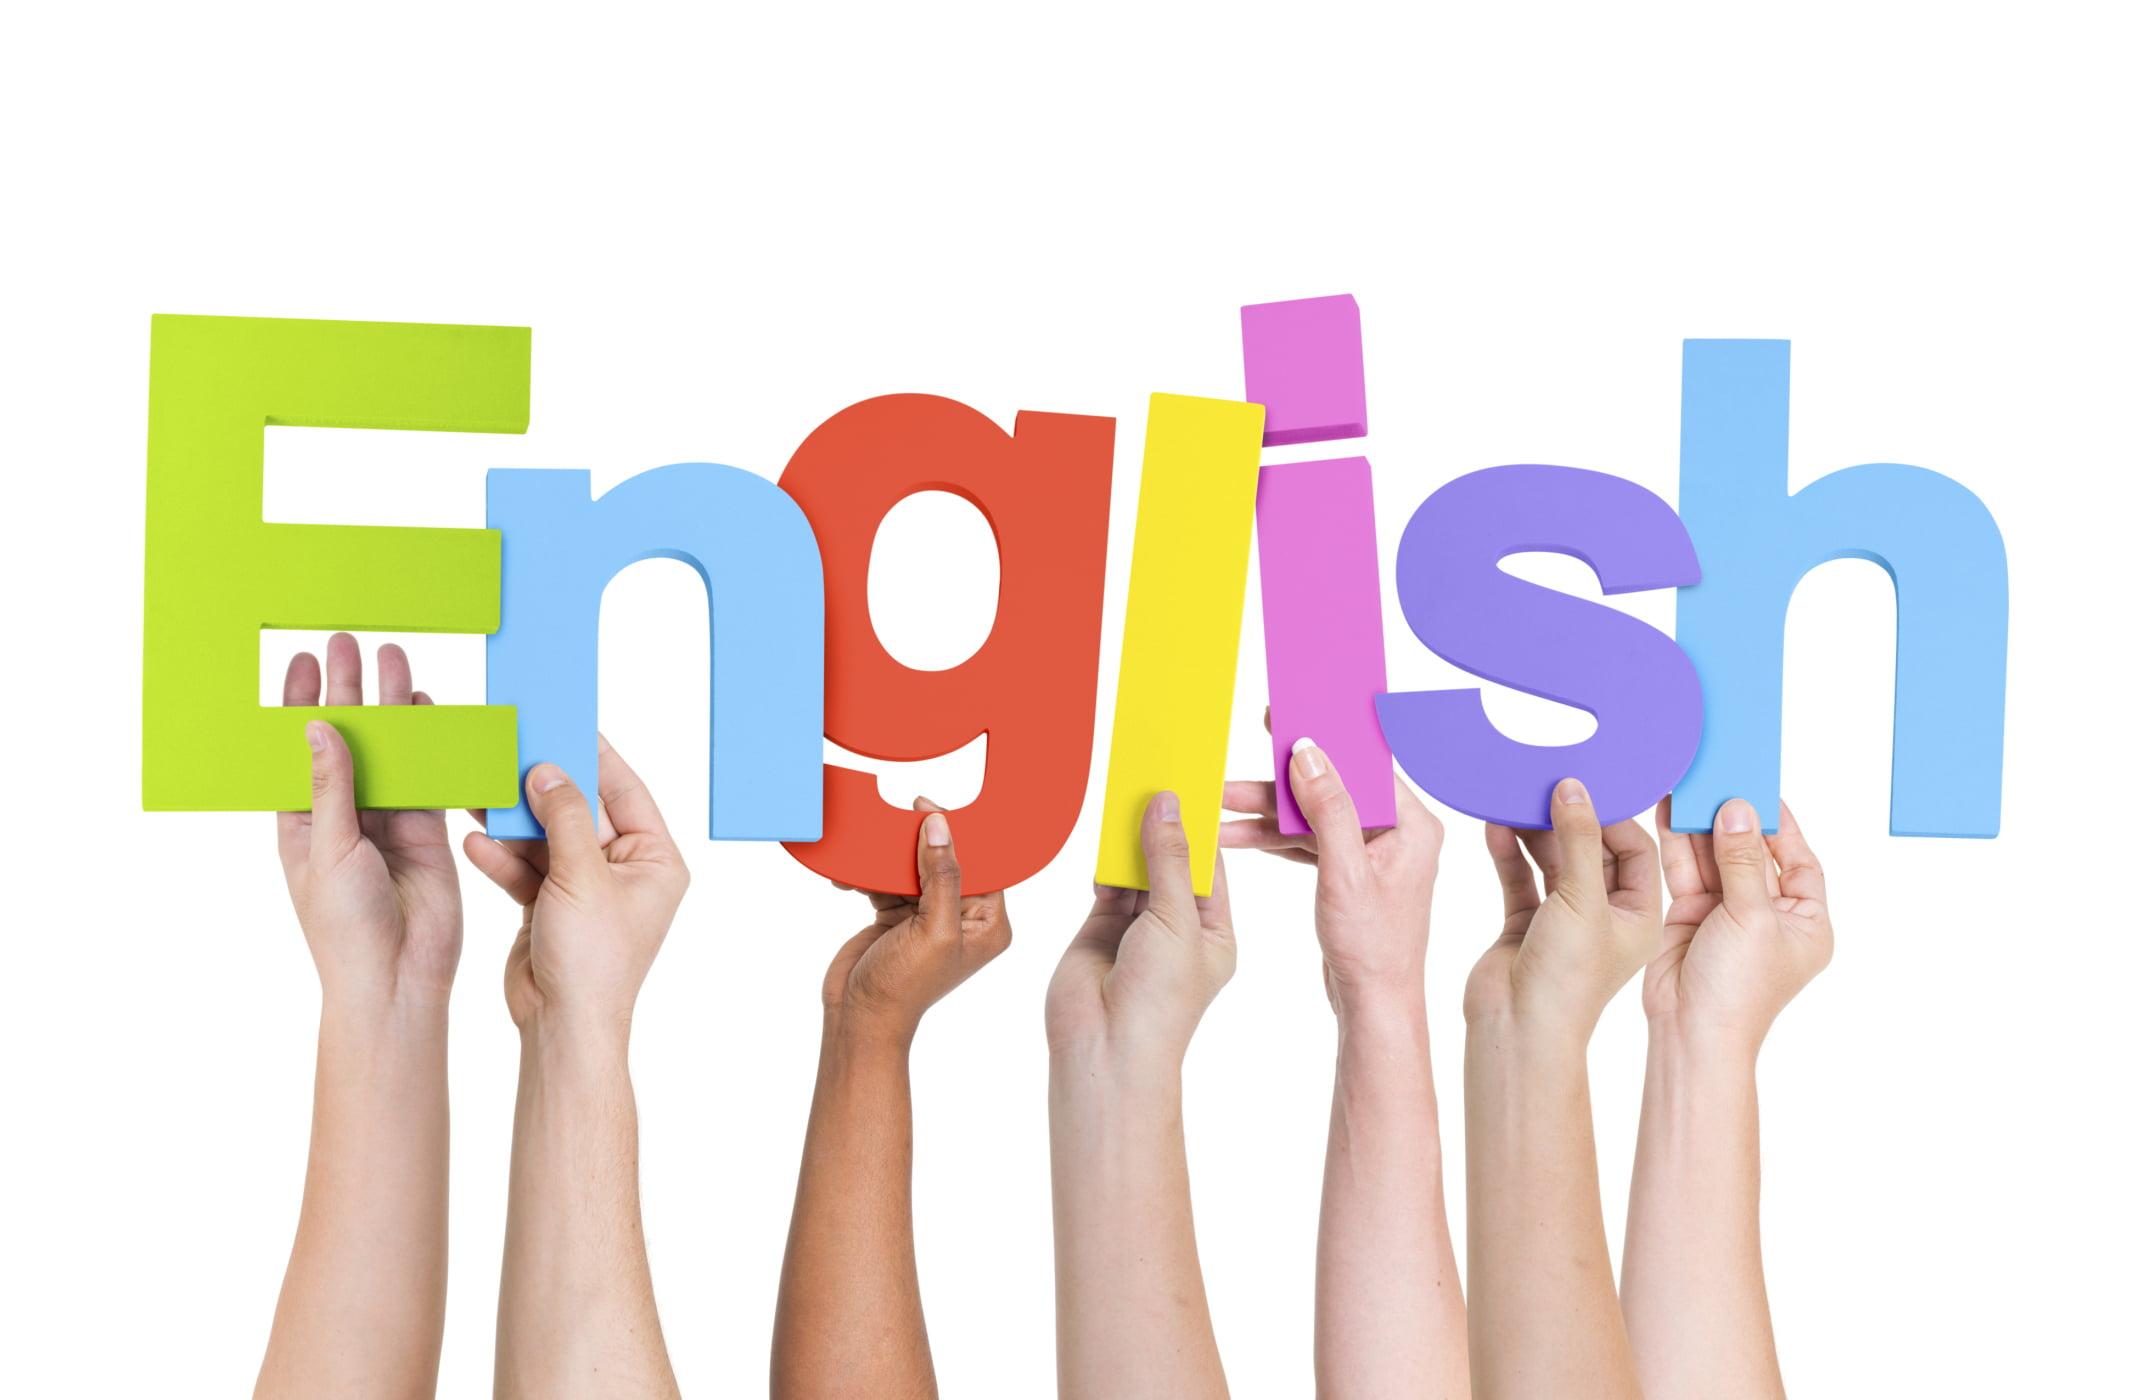 Como Se Diz Falar é Fácil Em Inglês: Estudar Inglês Em 2018? Curso